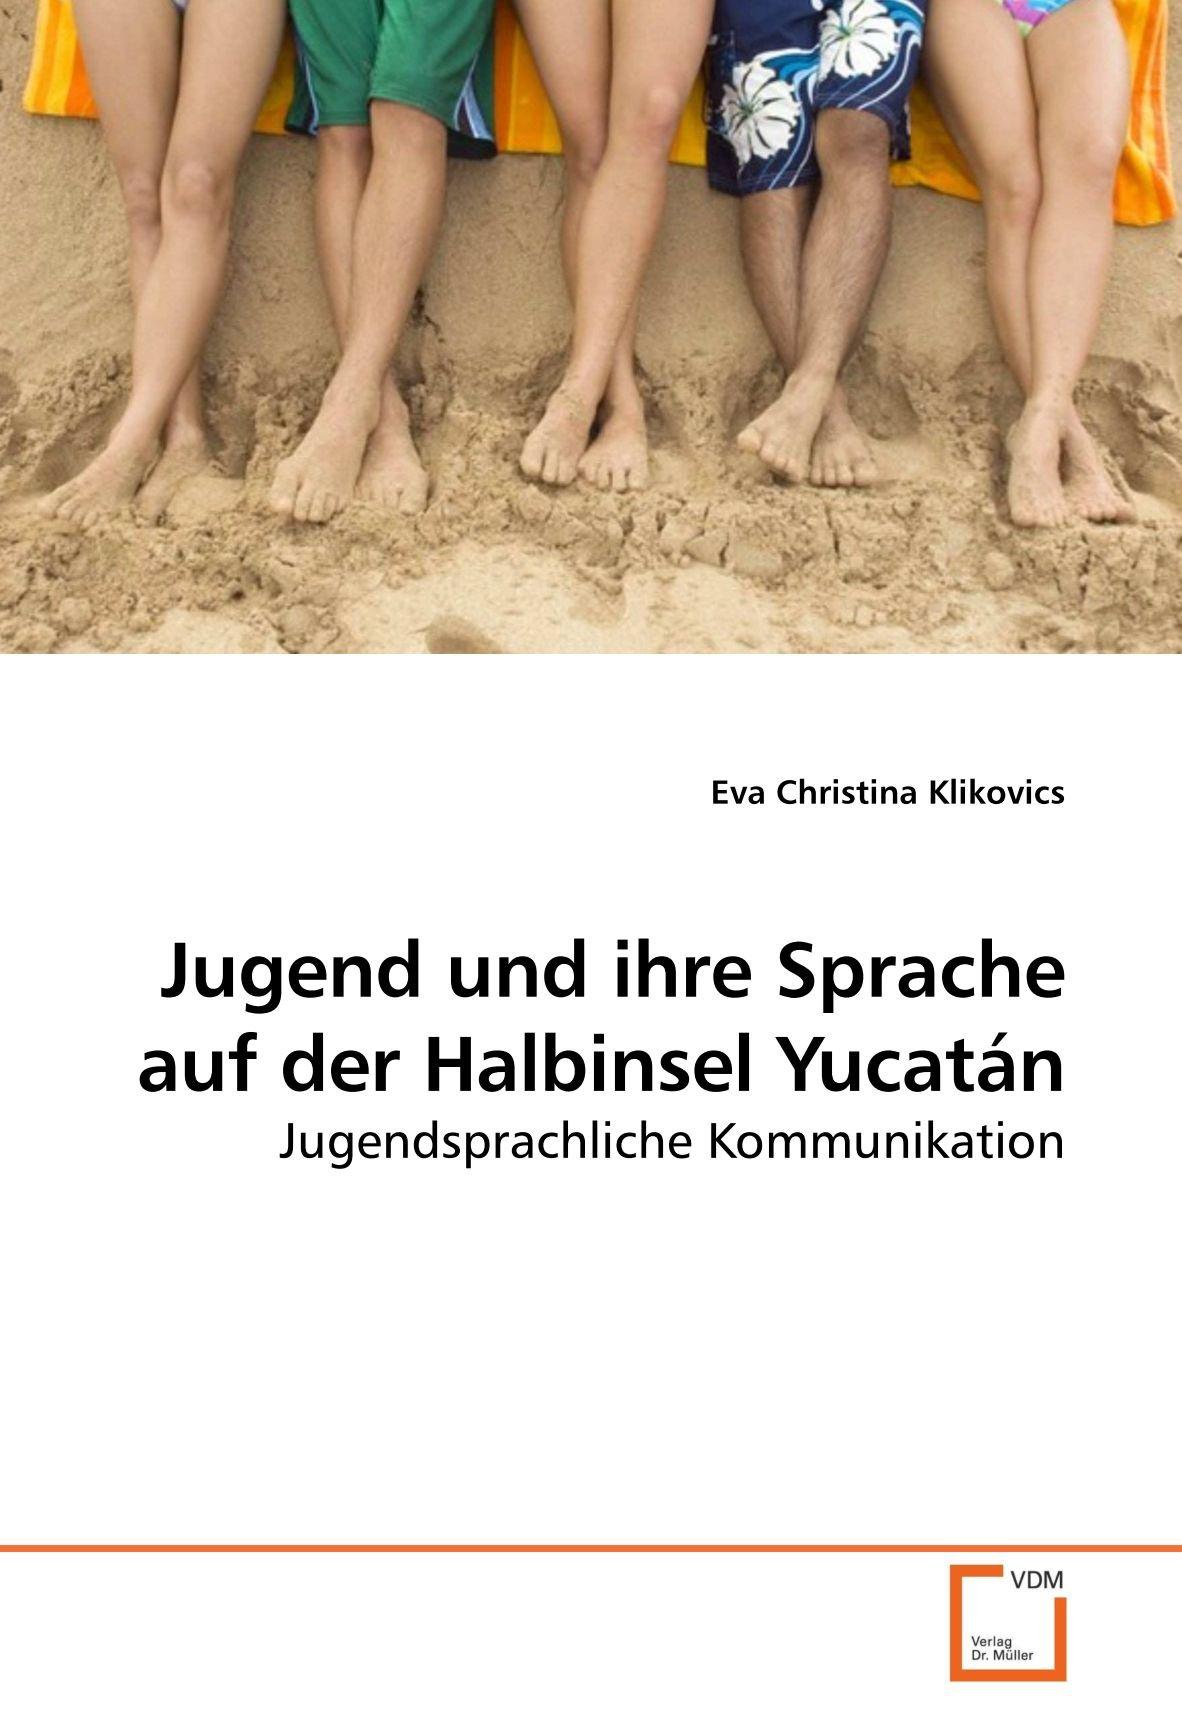 Download Jugend und ihre Sprache auf der Halbinsel Yucatán: Jugendsprachliche Kommunikation (German Edition) ebook